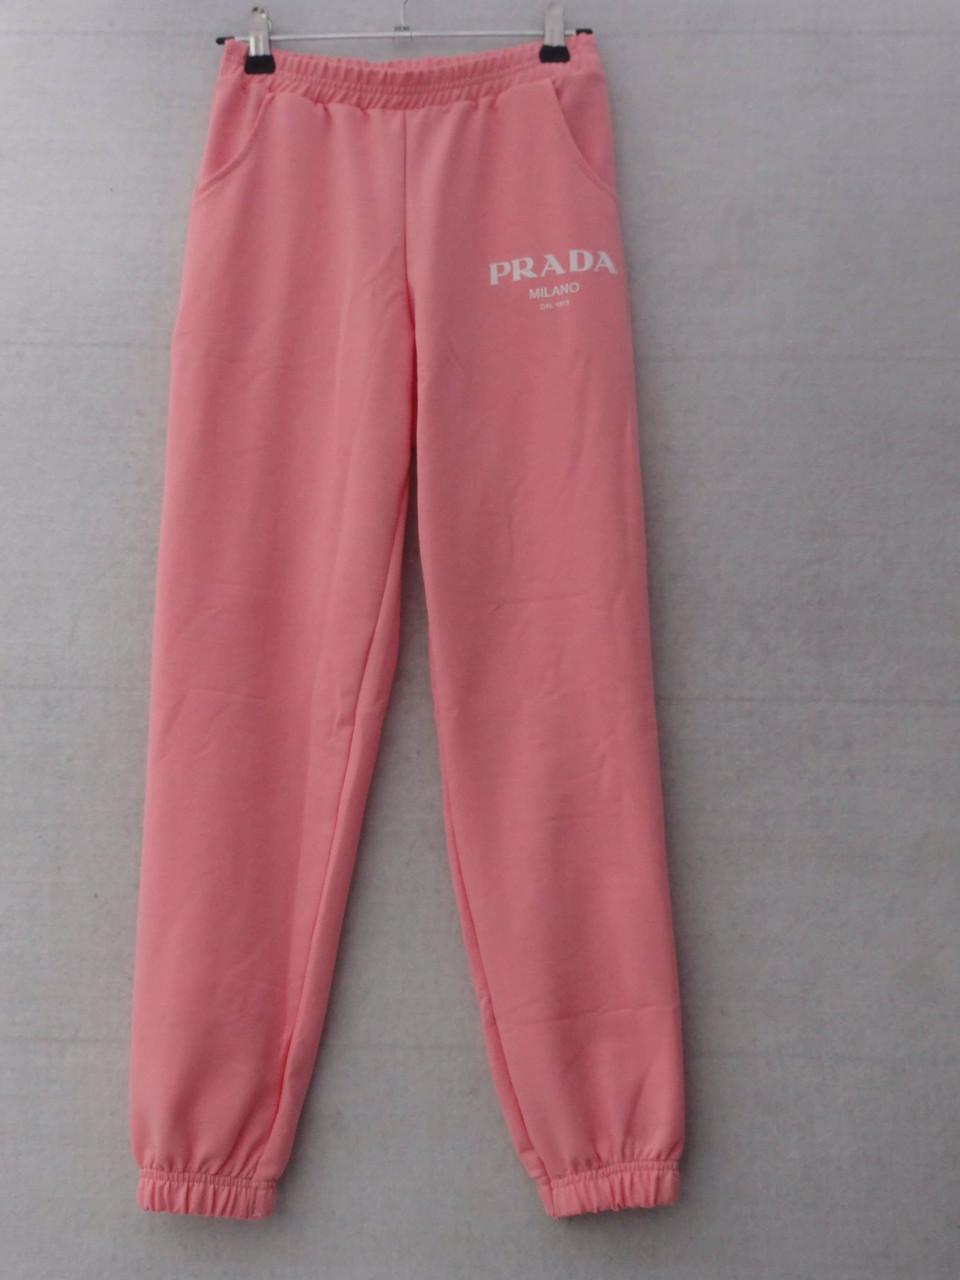 -Трикотажні штани для дівчаток (7-12 років) пр-во Україна оптом на 7 км.